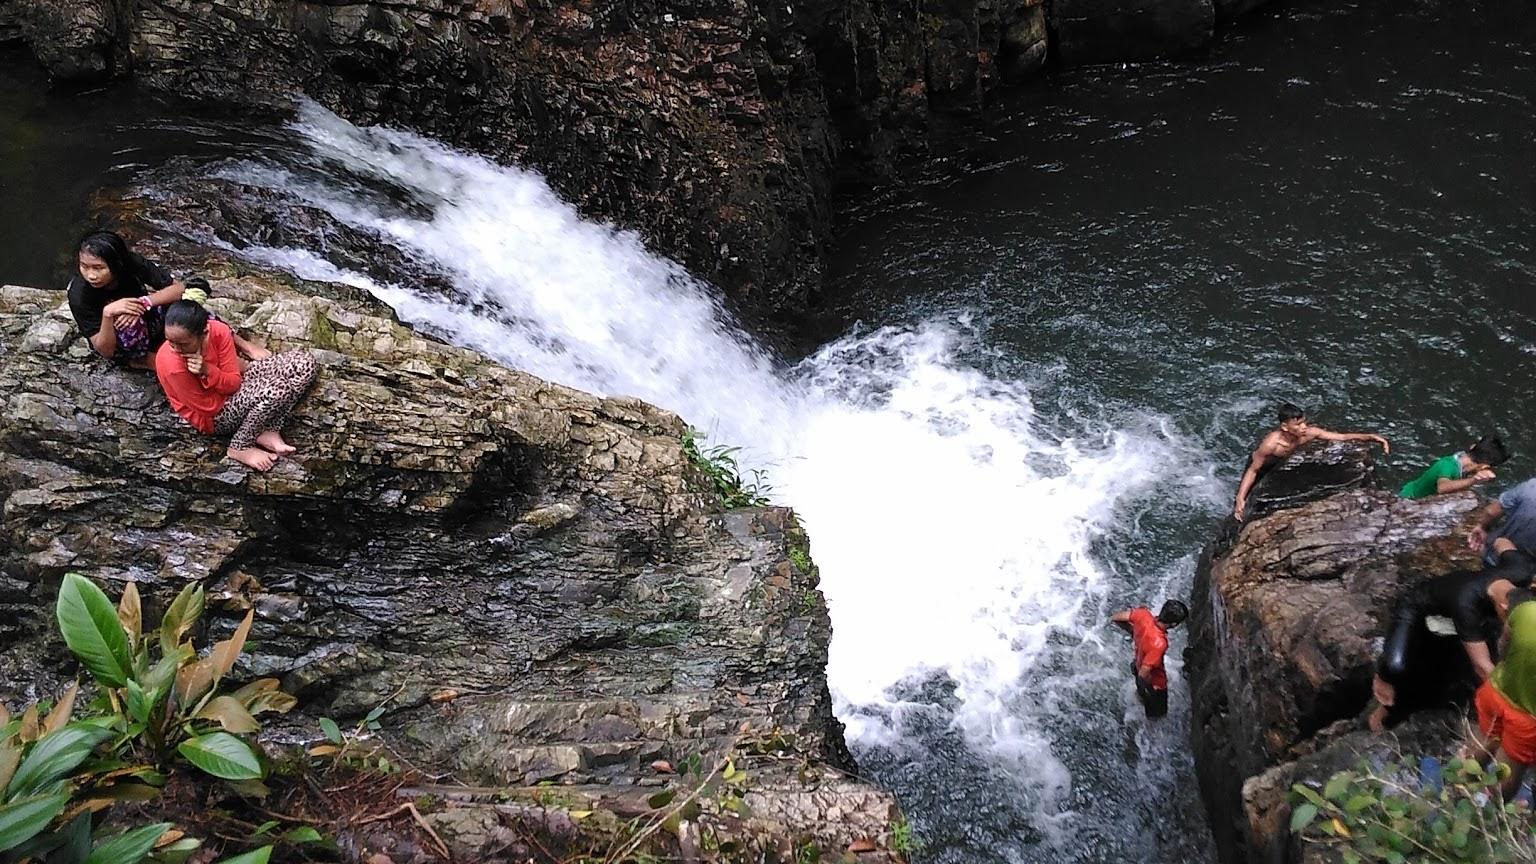 Ngetrip ke Air Terjun Batang Ogan (Tangogan)